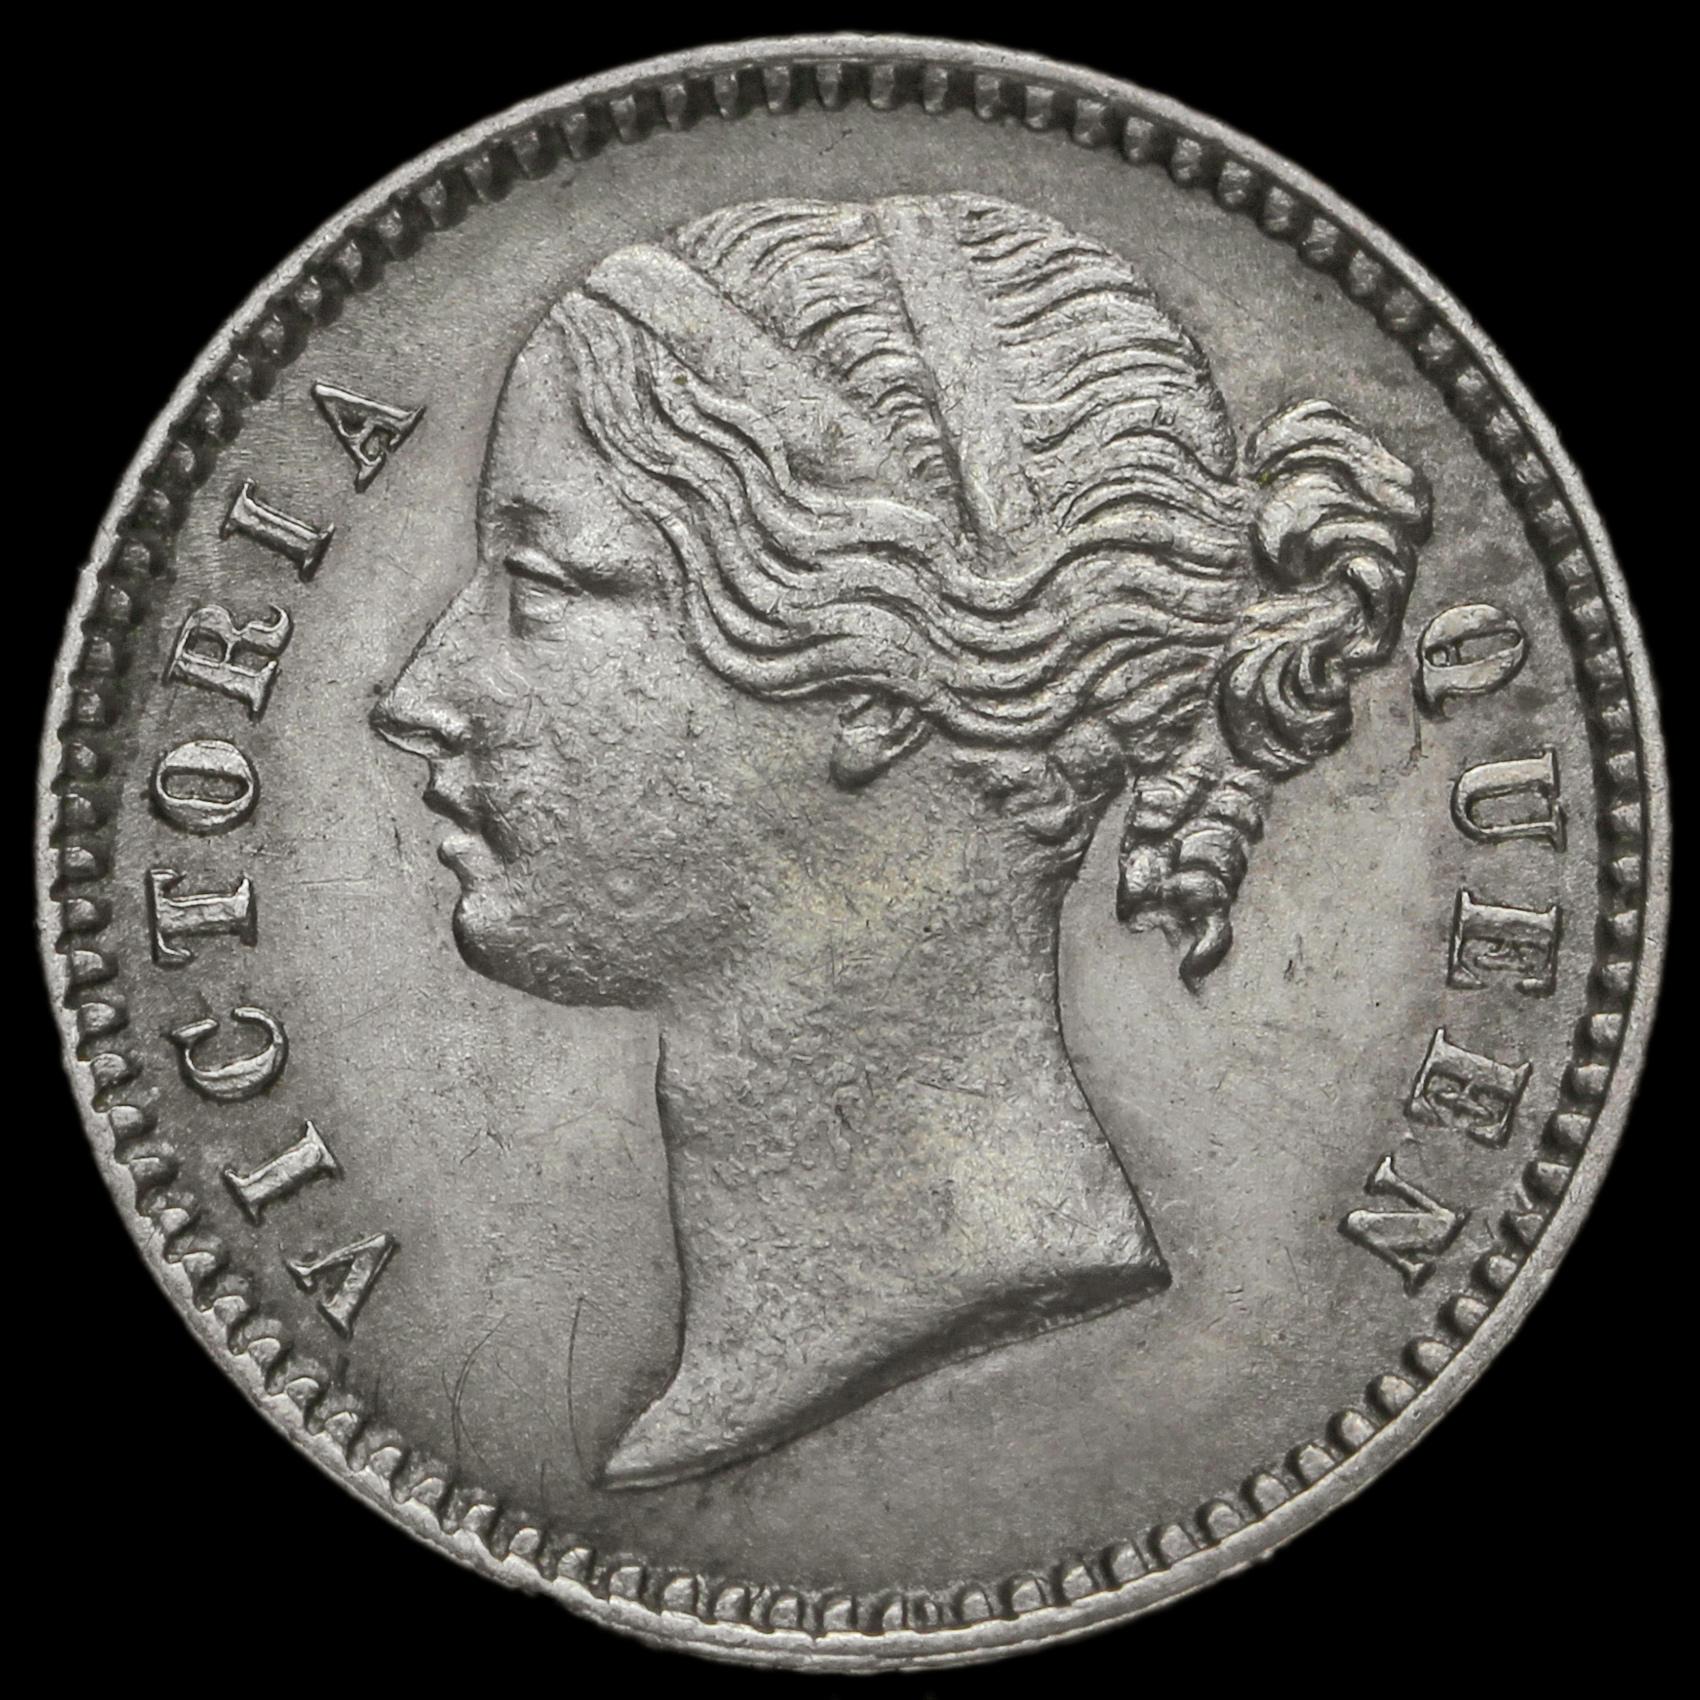 1840 rupee coin